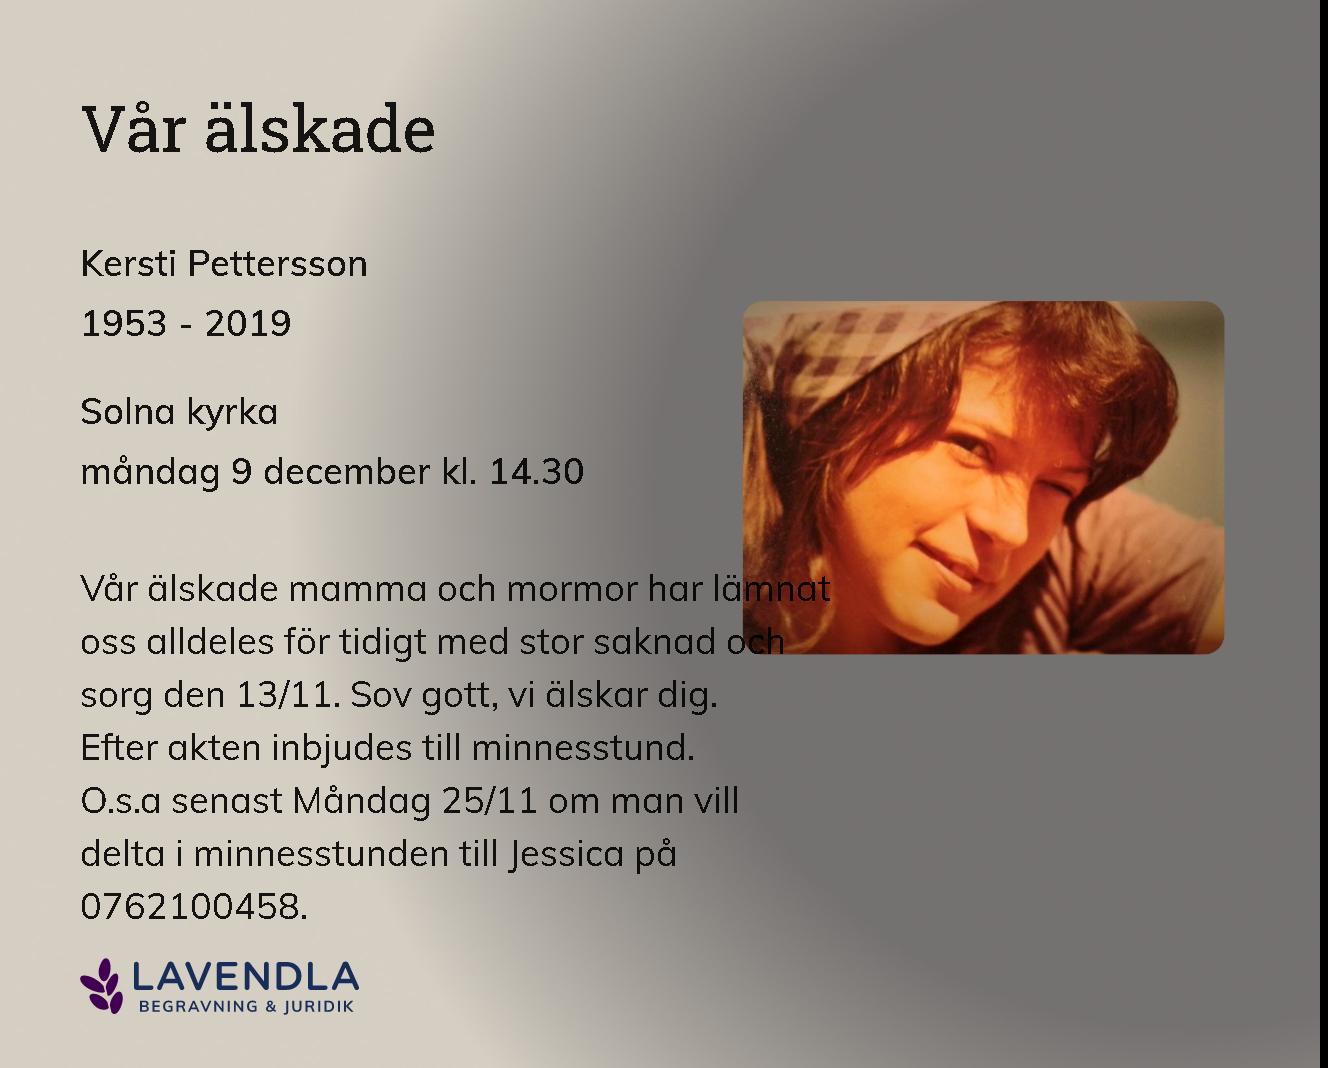 Inbjudningskort till ceremonin för Kersti Pettersson